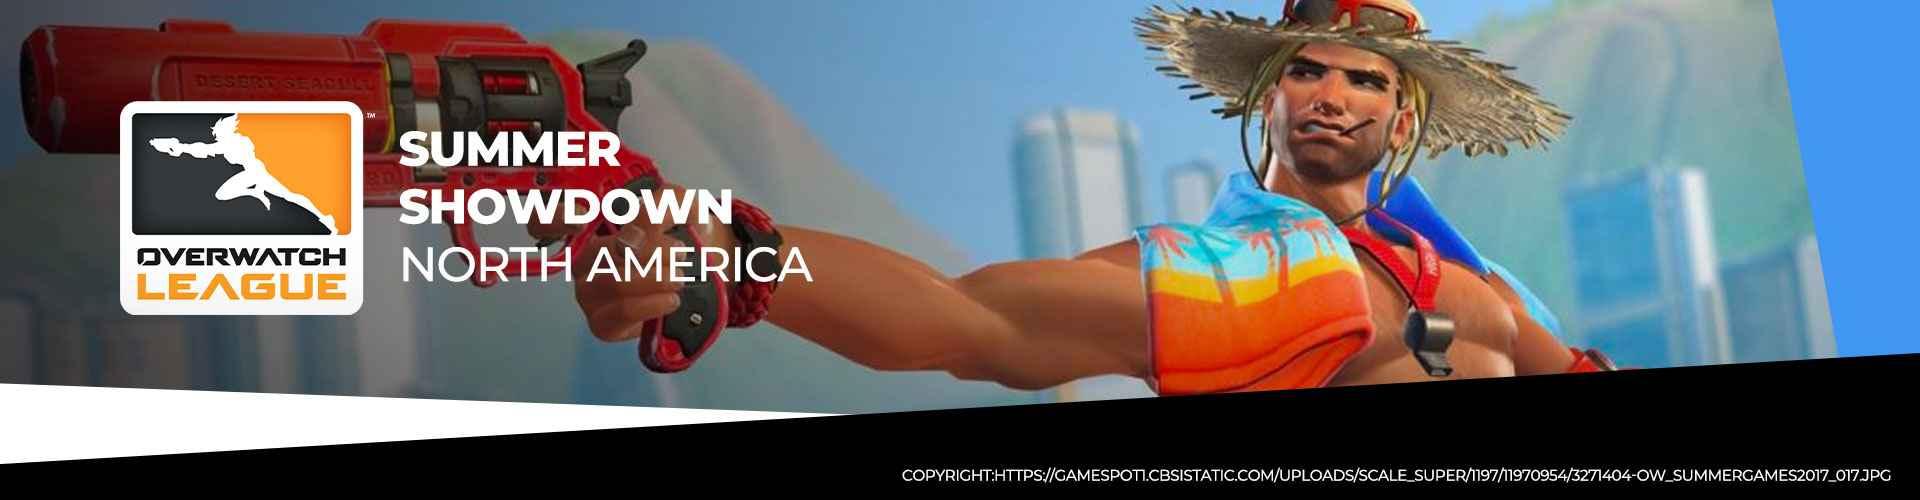 Turneringssida för OWL Summer Showdown 2020 Nordamerika.